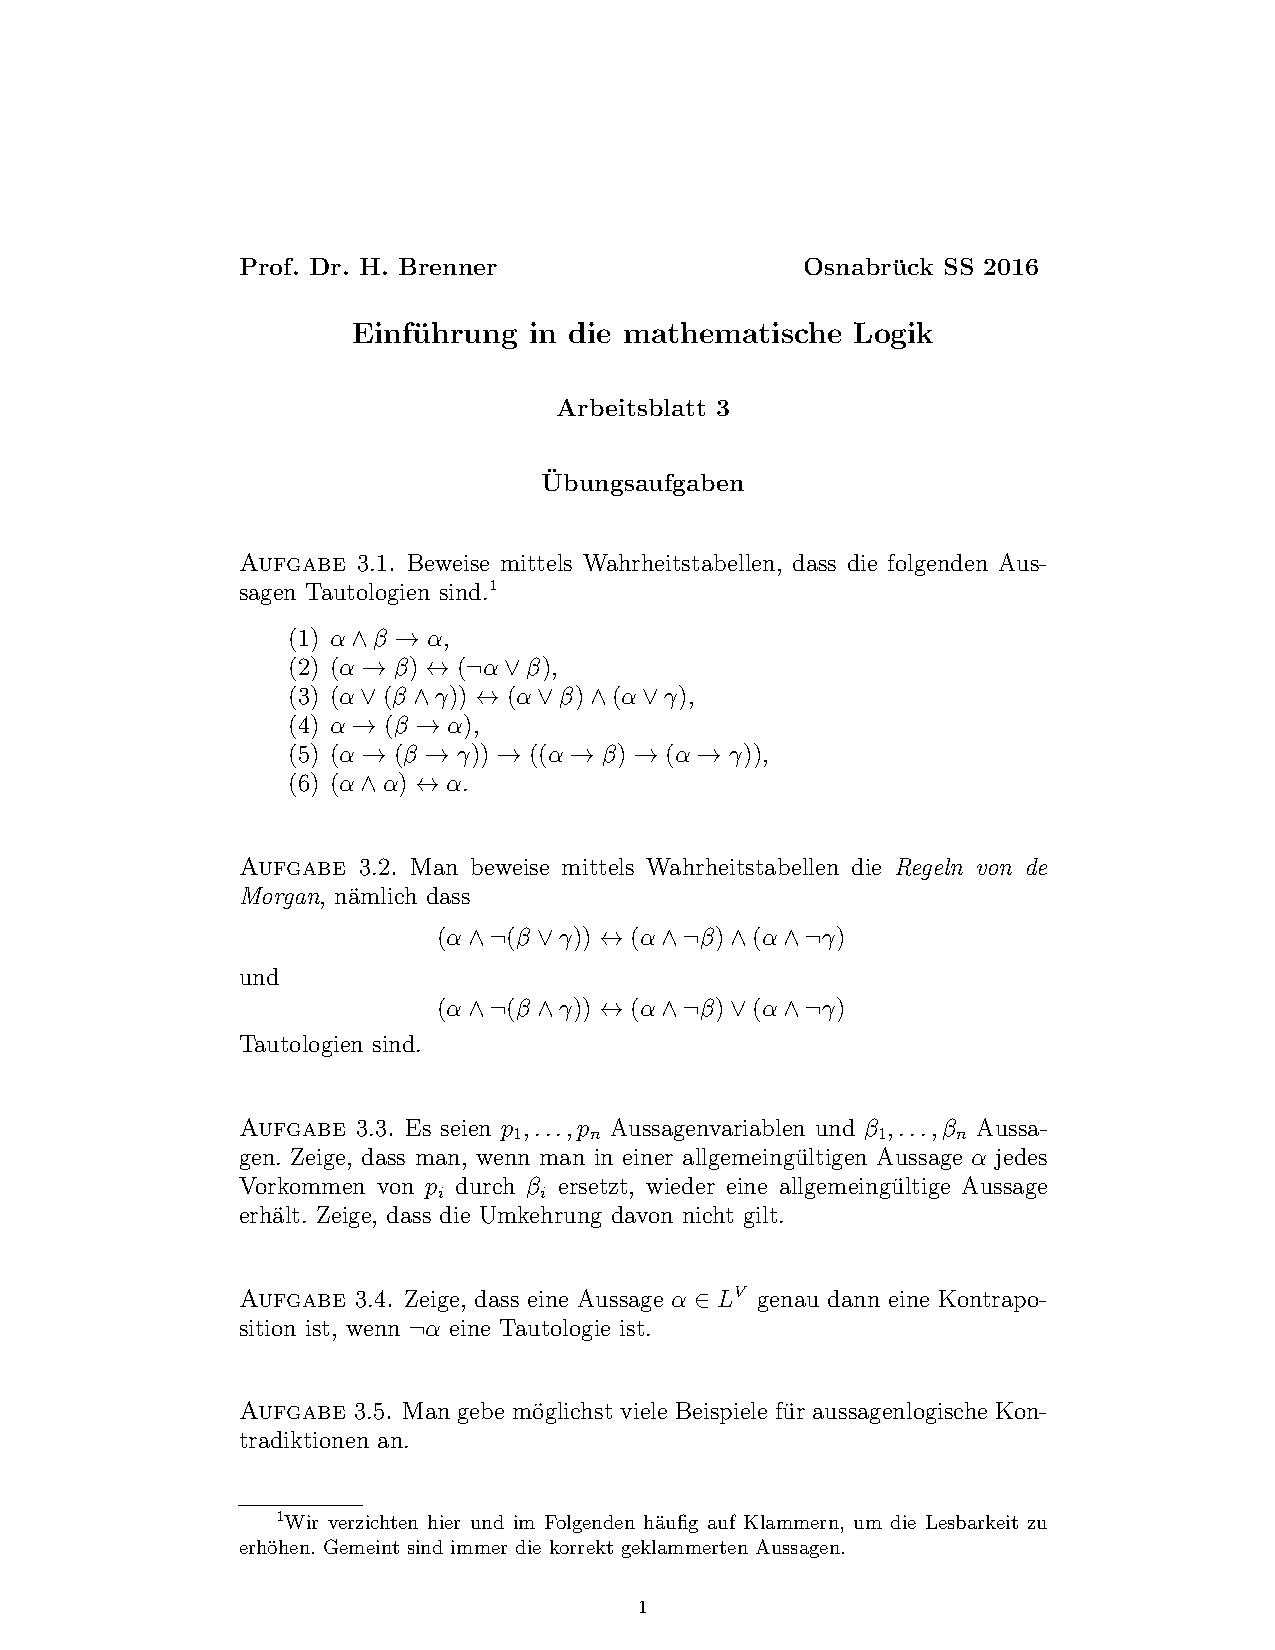 Berühmt Mathematik Logik Probleme Arbeitsblatt Ideen - Super Lehrer ...